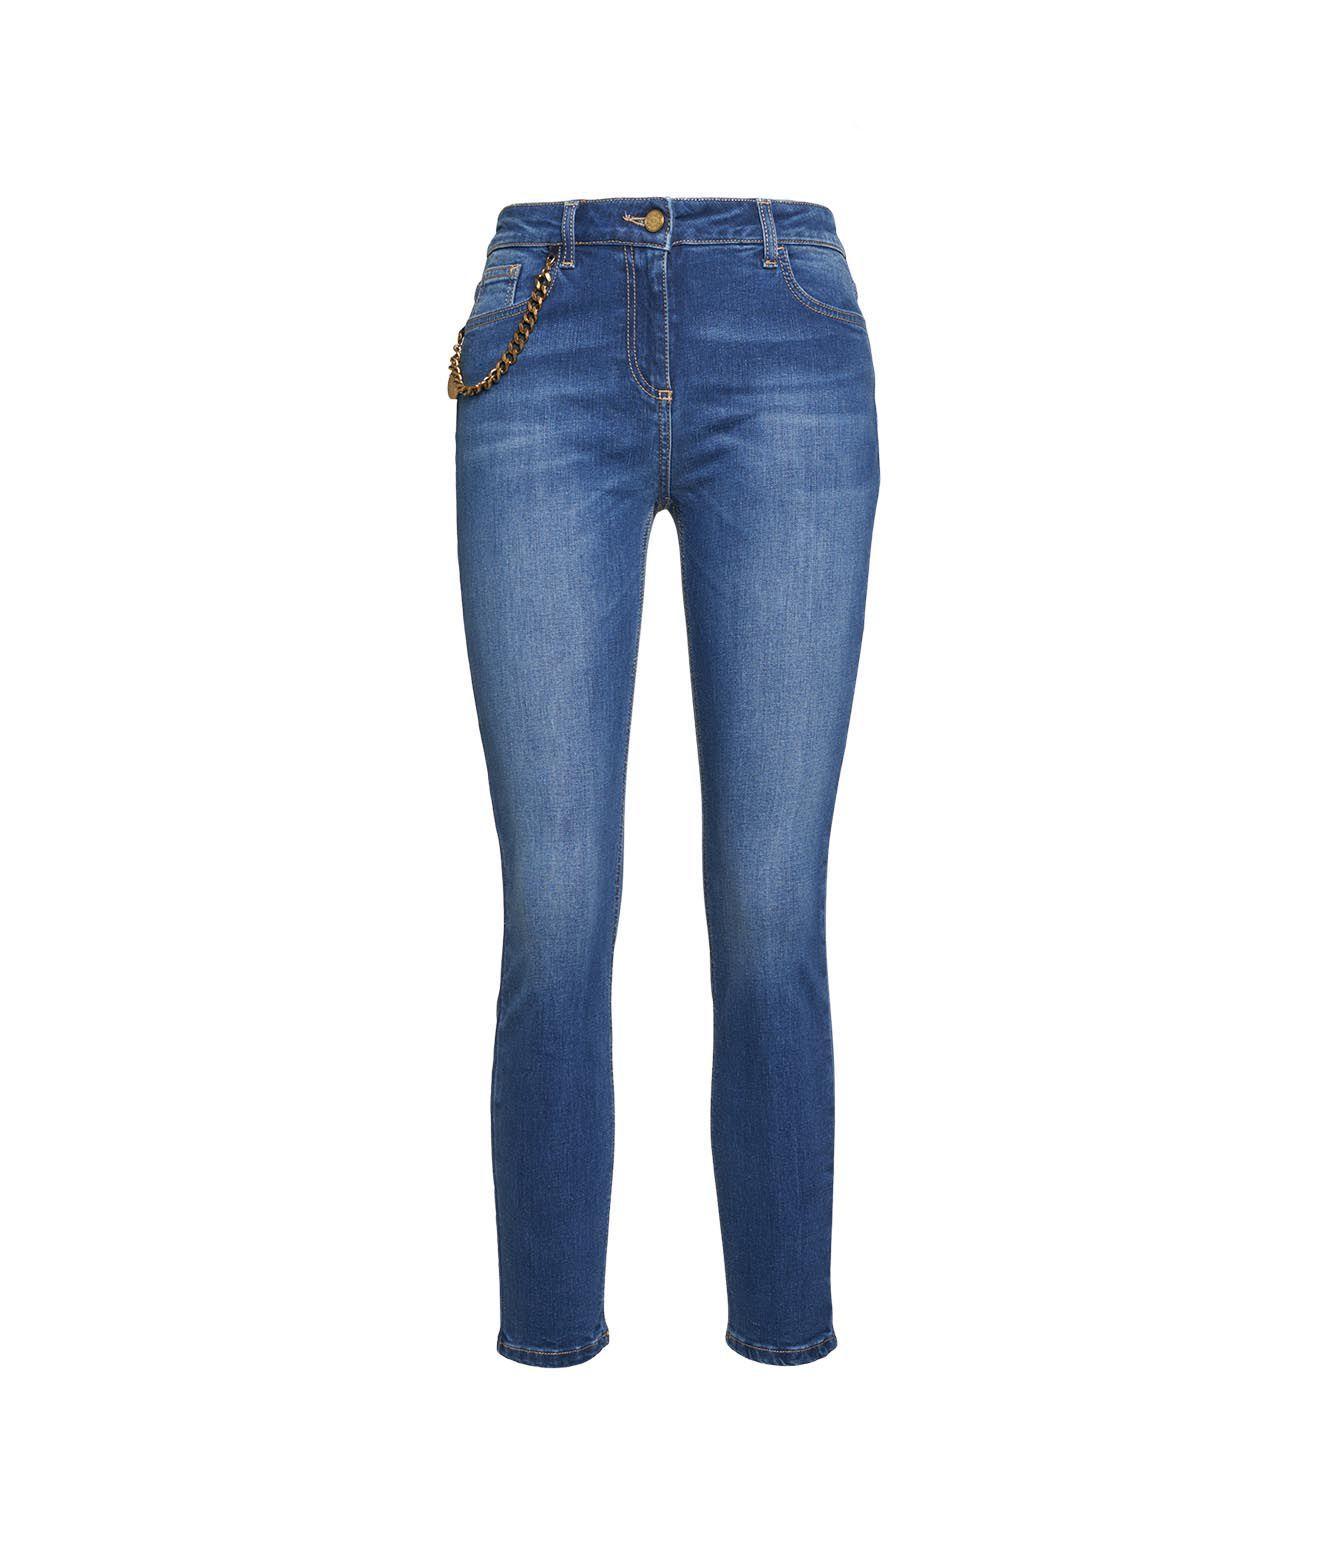 Elisabetta Franchi Jeans ELISABETTA FRANCHI WOMEN'S BLUE OTHER MATERIALS JEANS